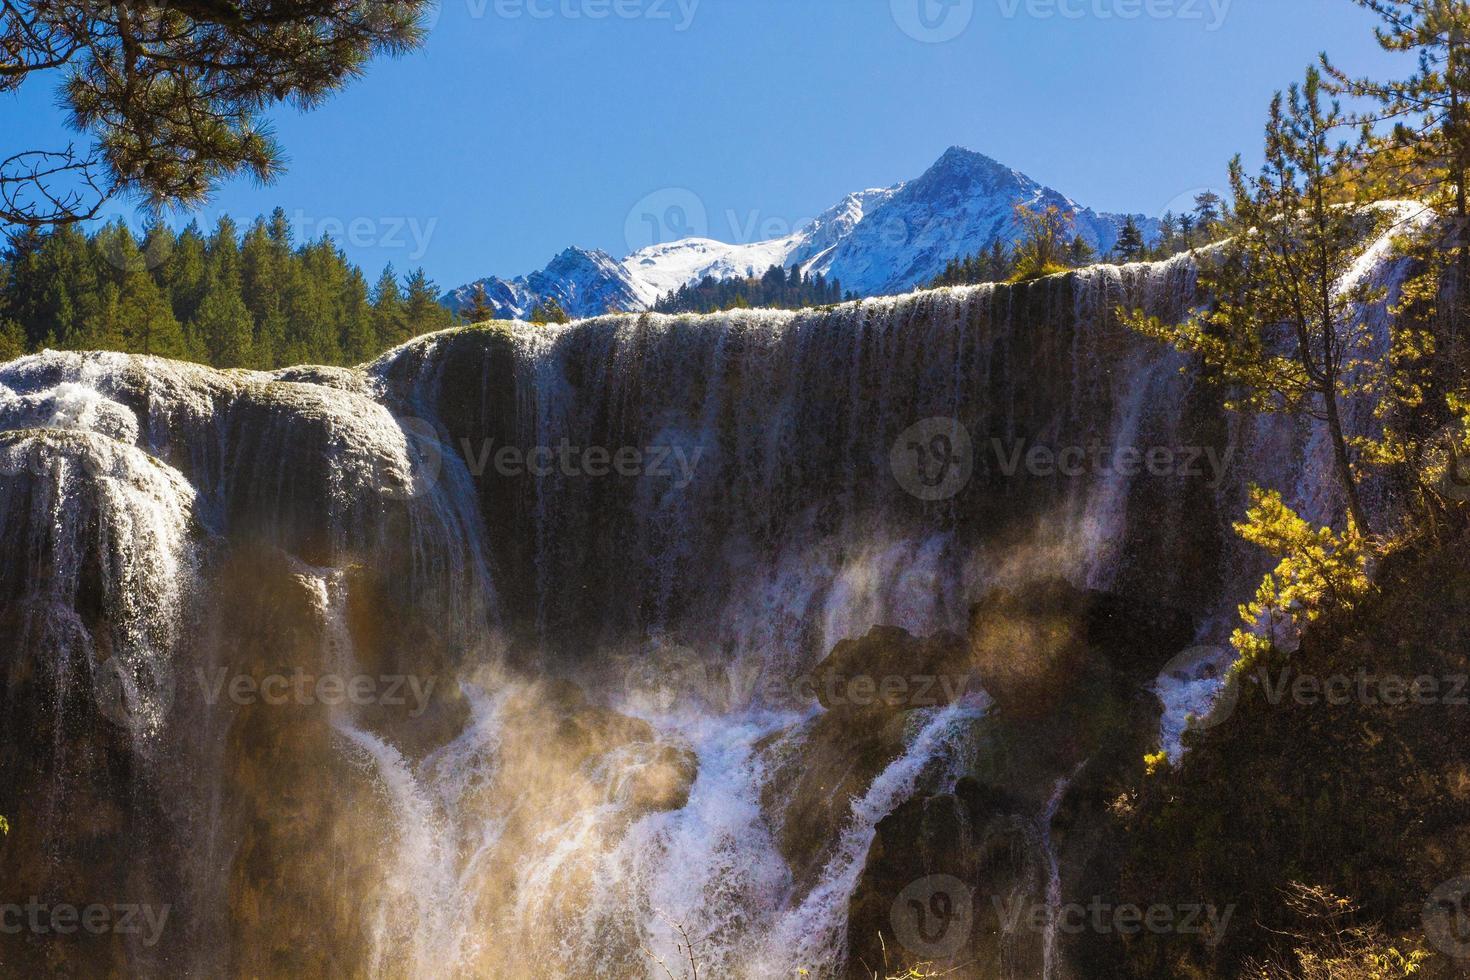 pärla stim vattenfall foto